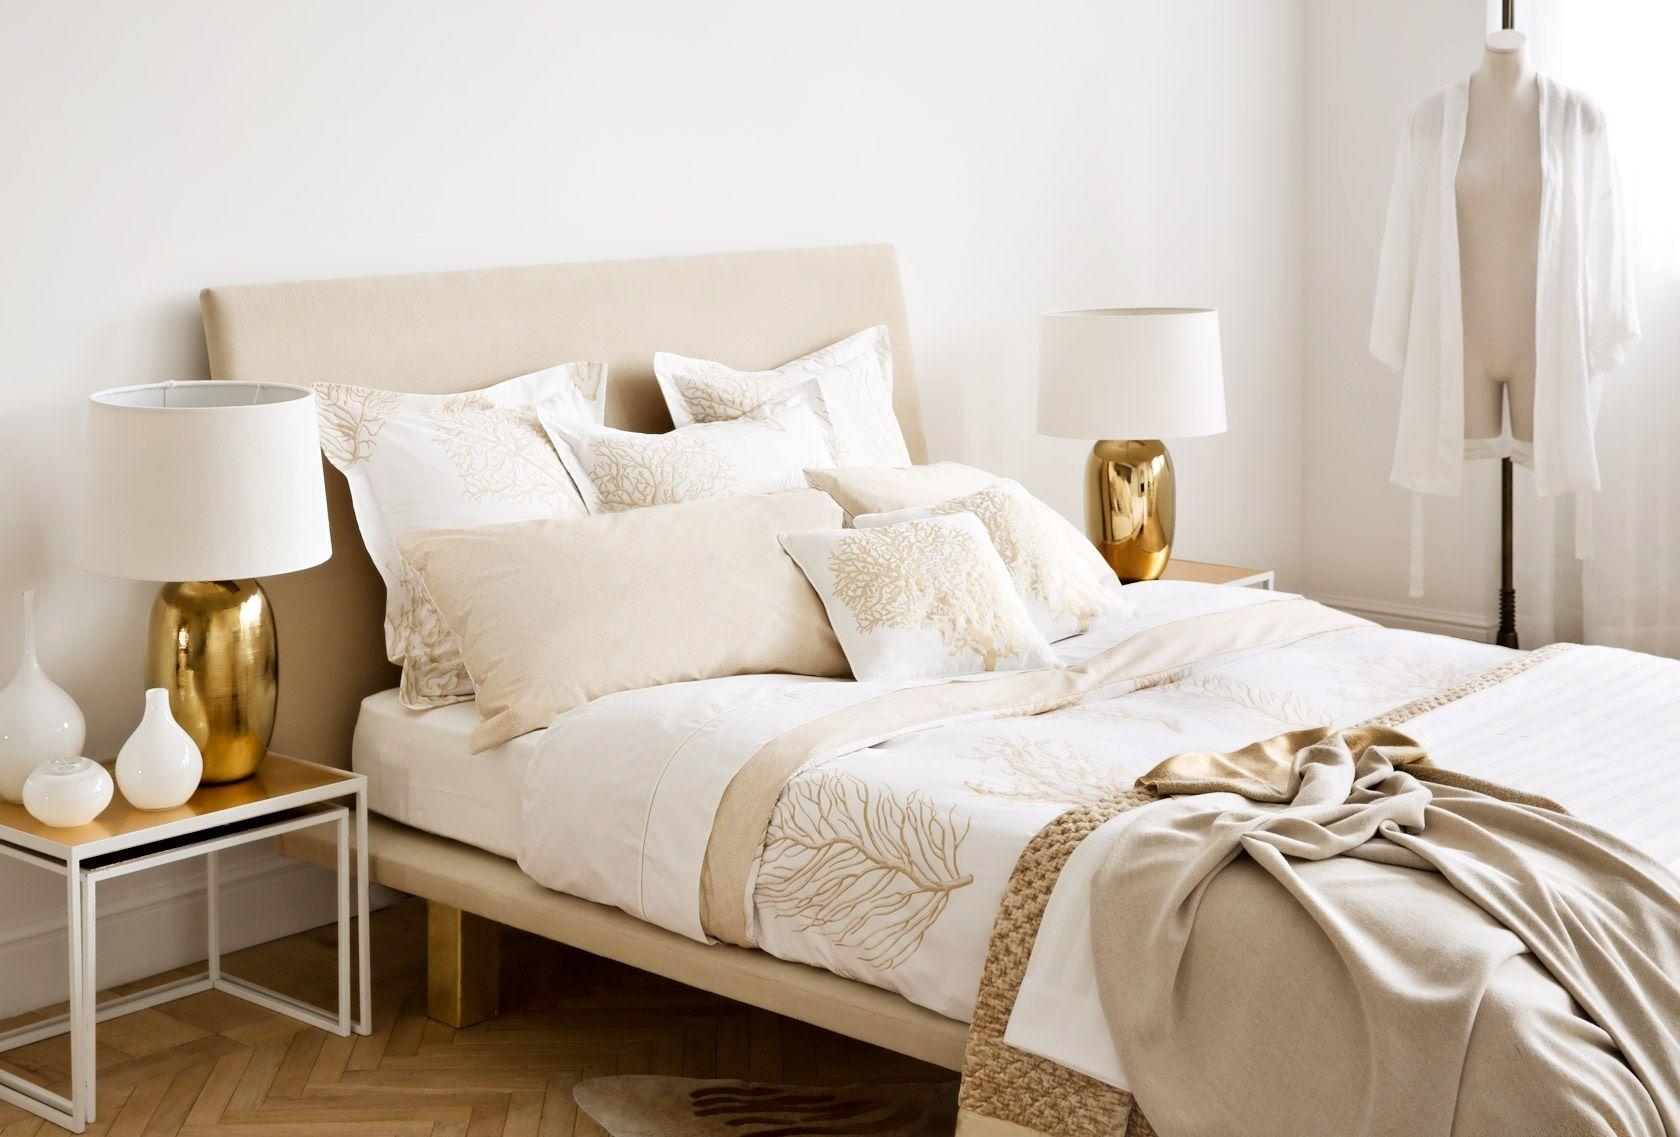 zara home online shop sweden